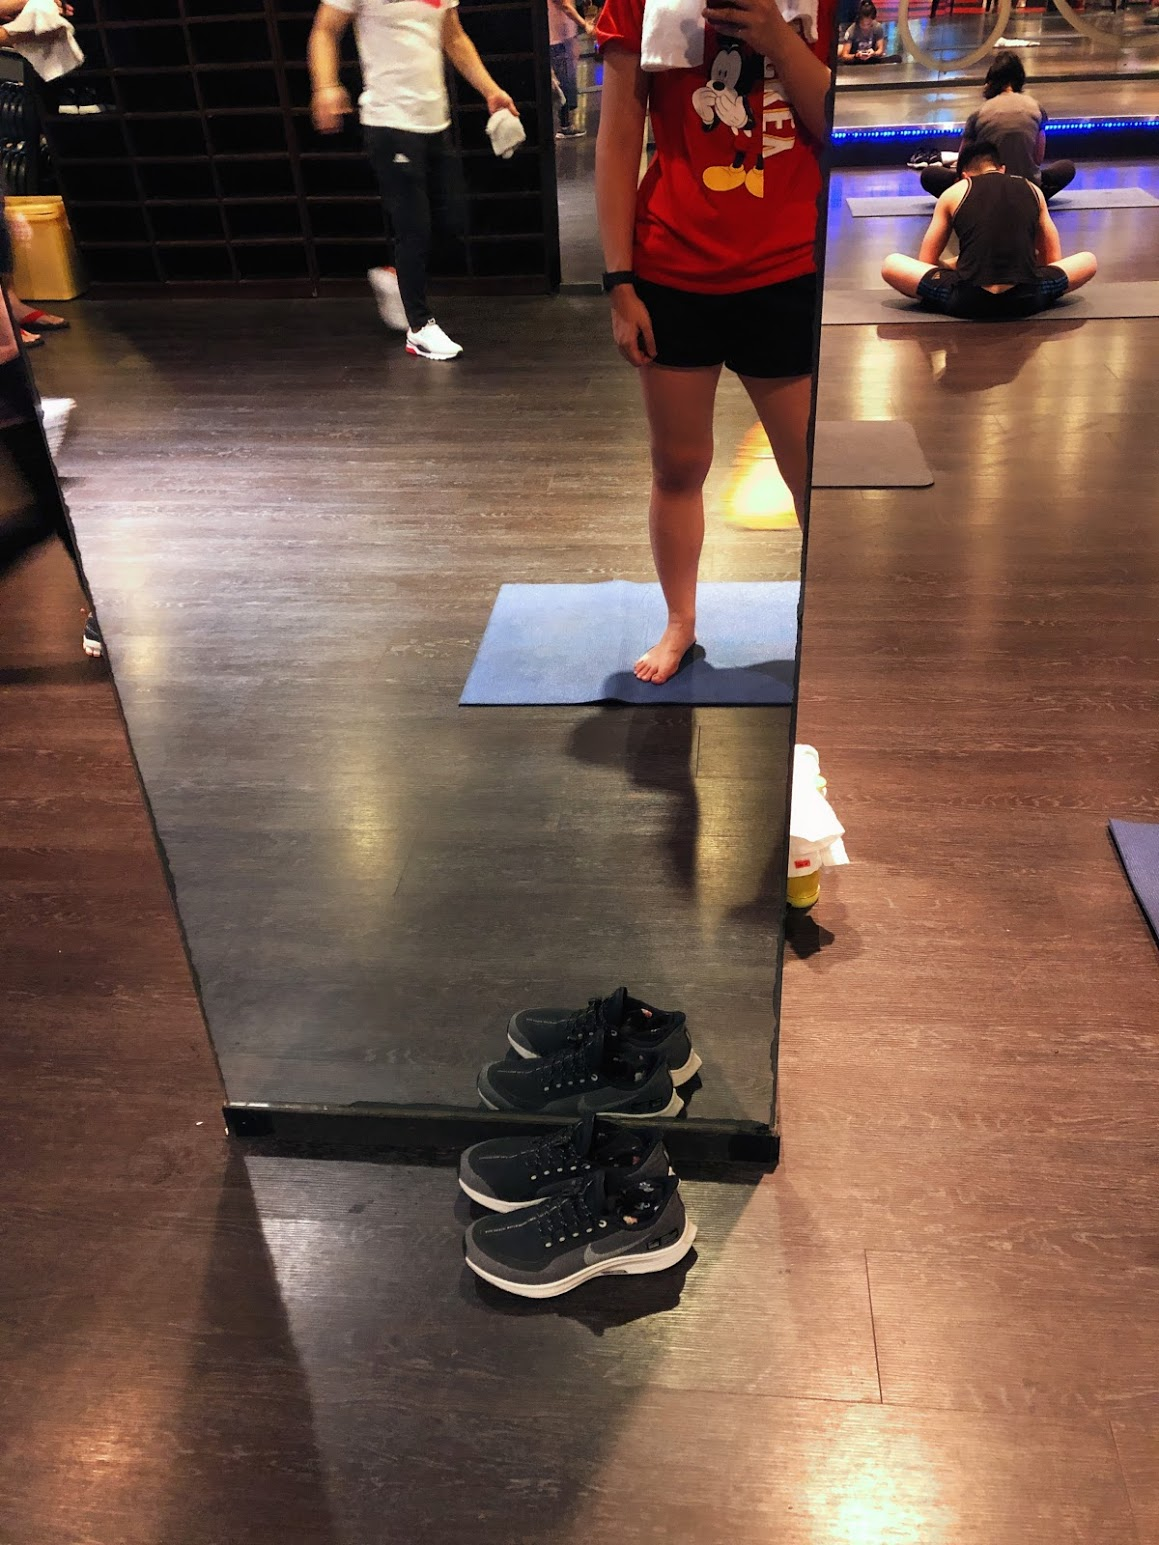 「少吃多運動」飲食管控方式心得分享、活動分享【父親節抽獎】林黑潮暨潮代診所 @秤瓶樂遊遊